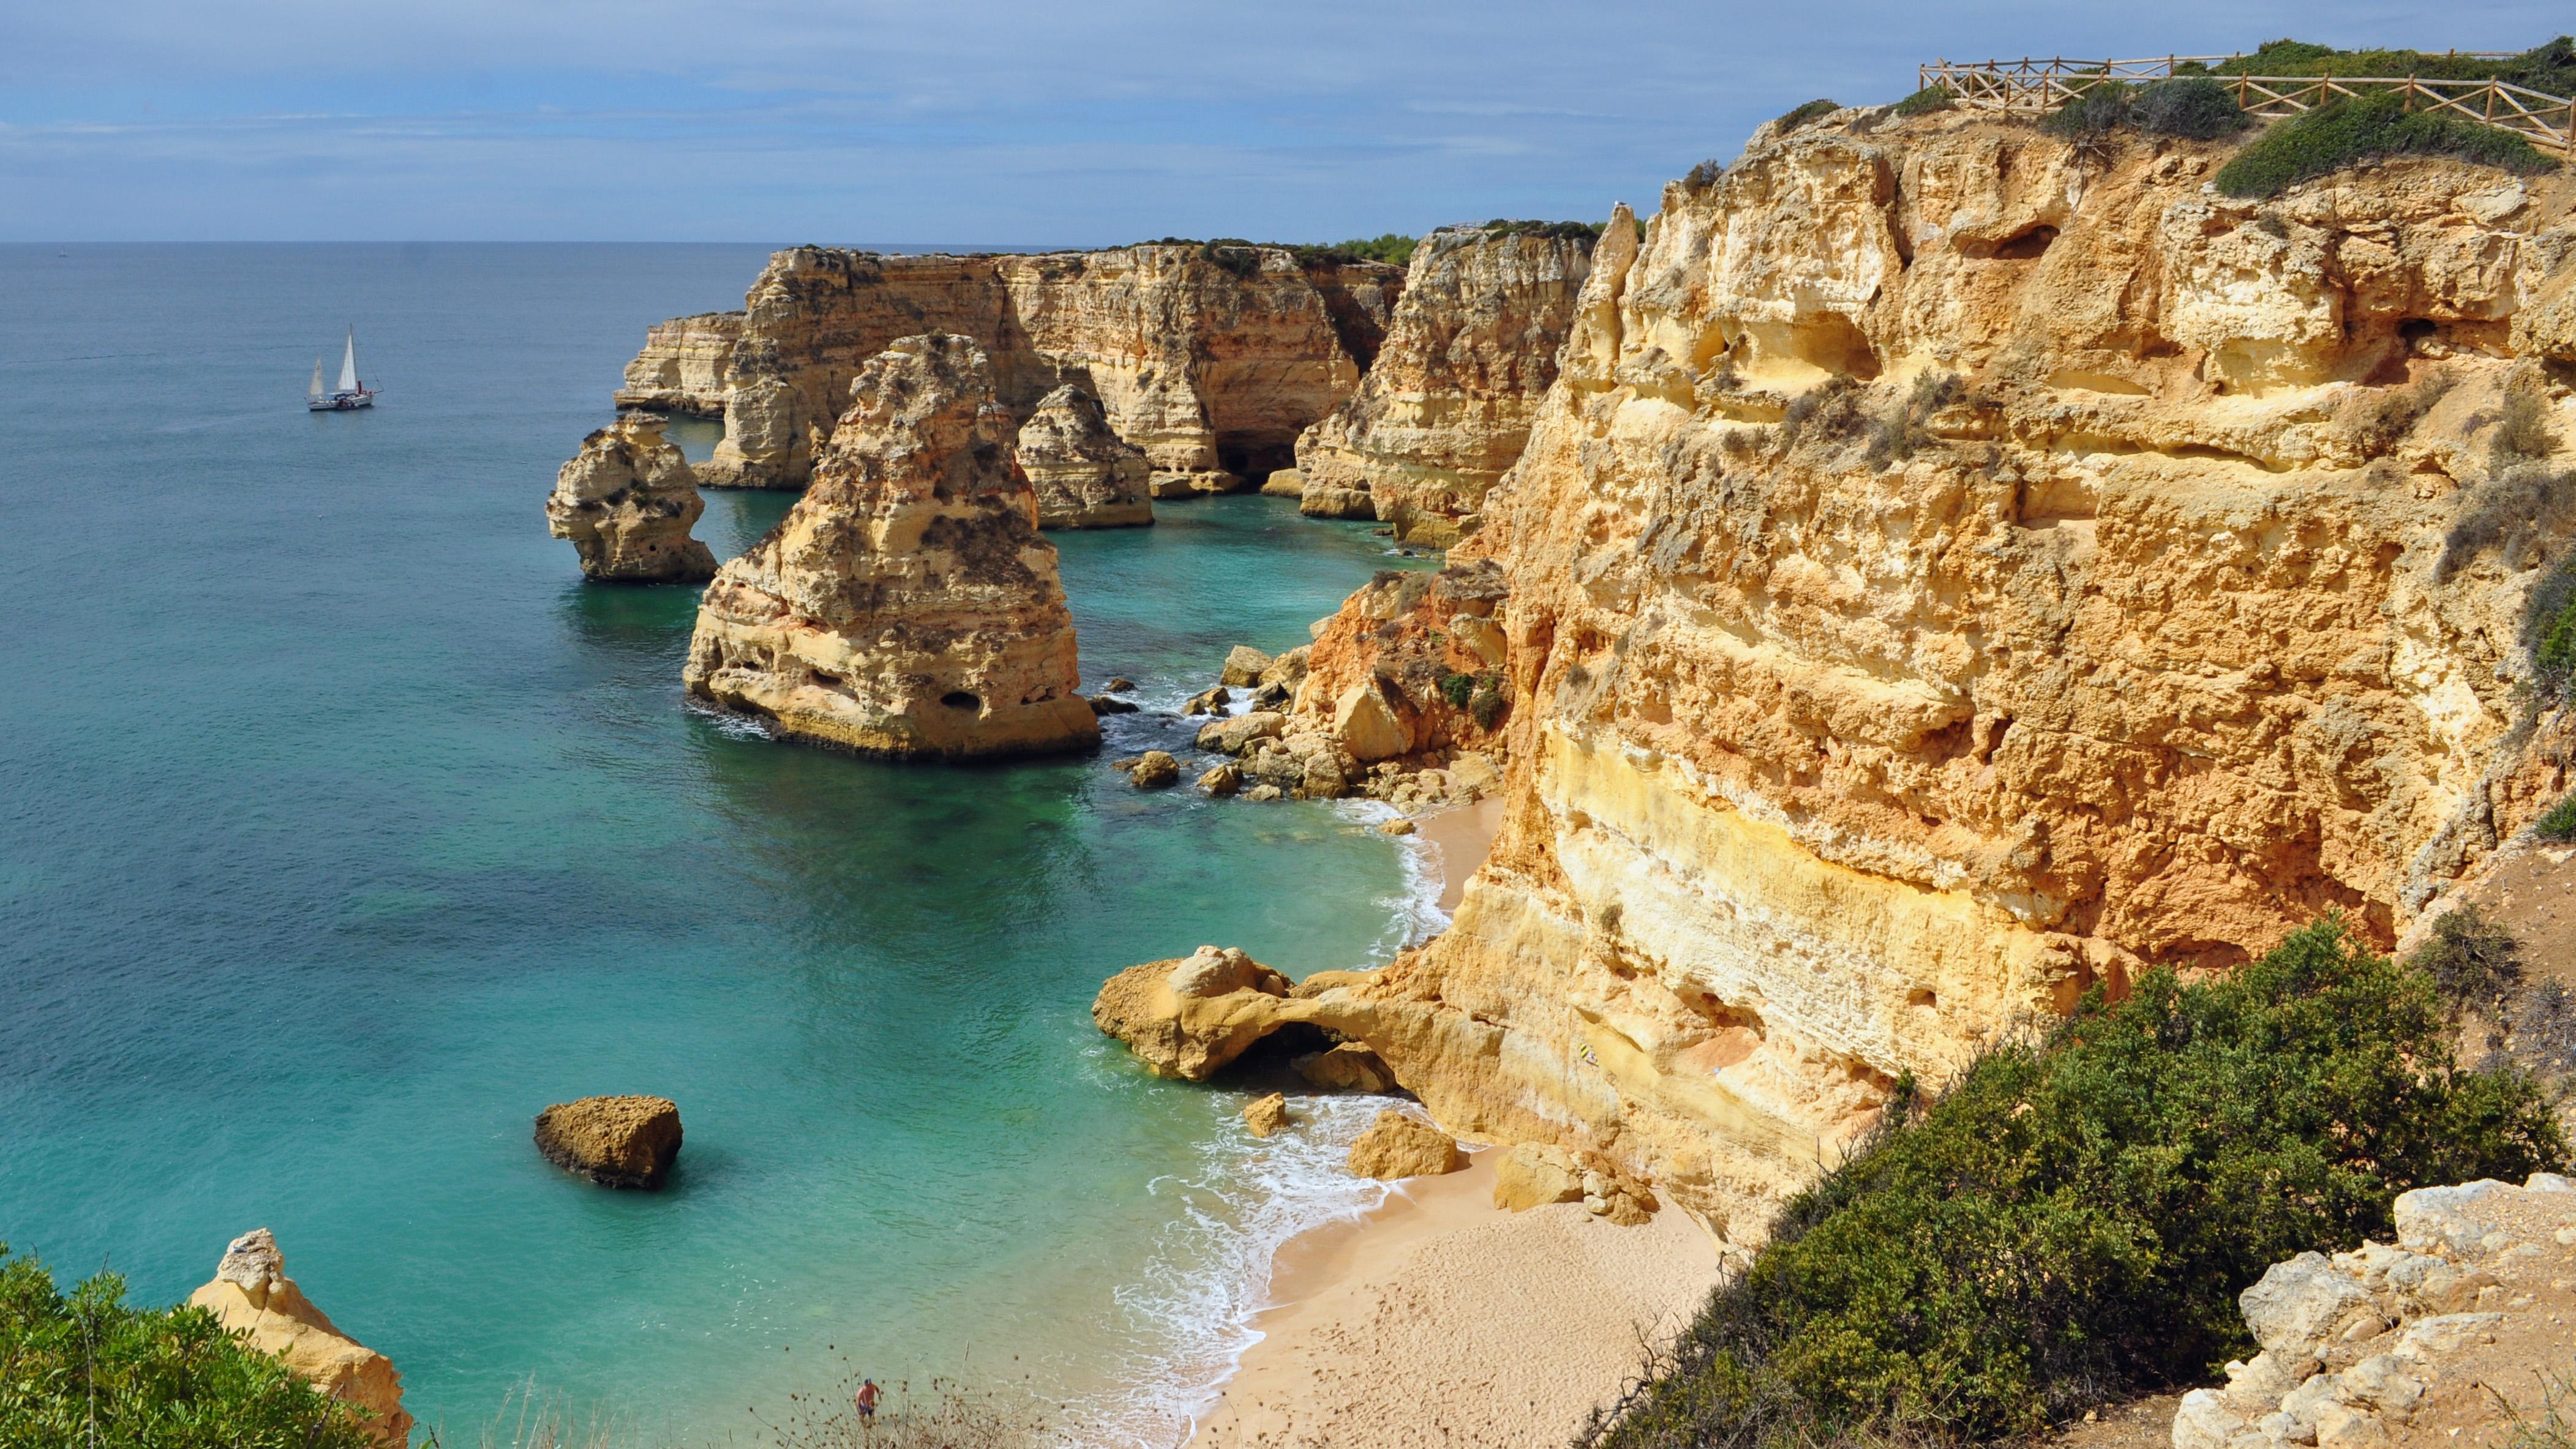 Empreendimento Golfe Praia da Marinha, a ser comercializado pelo BCP, estende-se por 3kms em frente de mar / Wikimedia commons